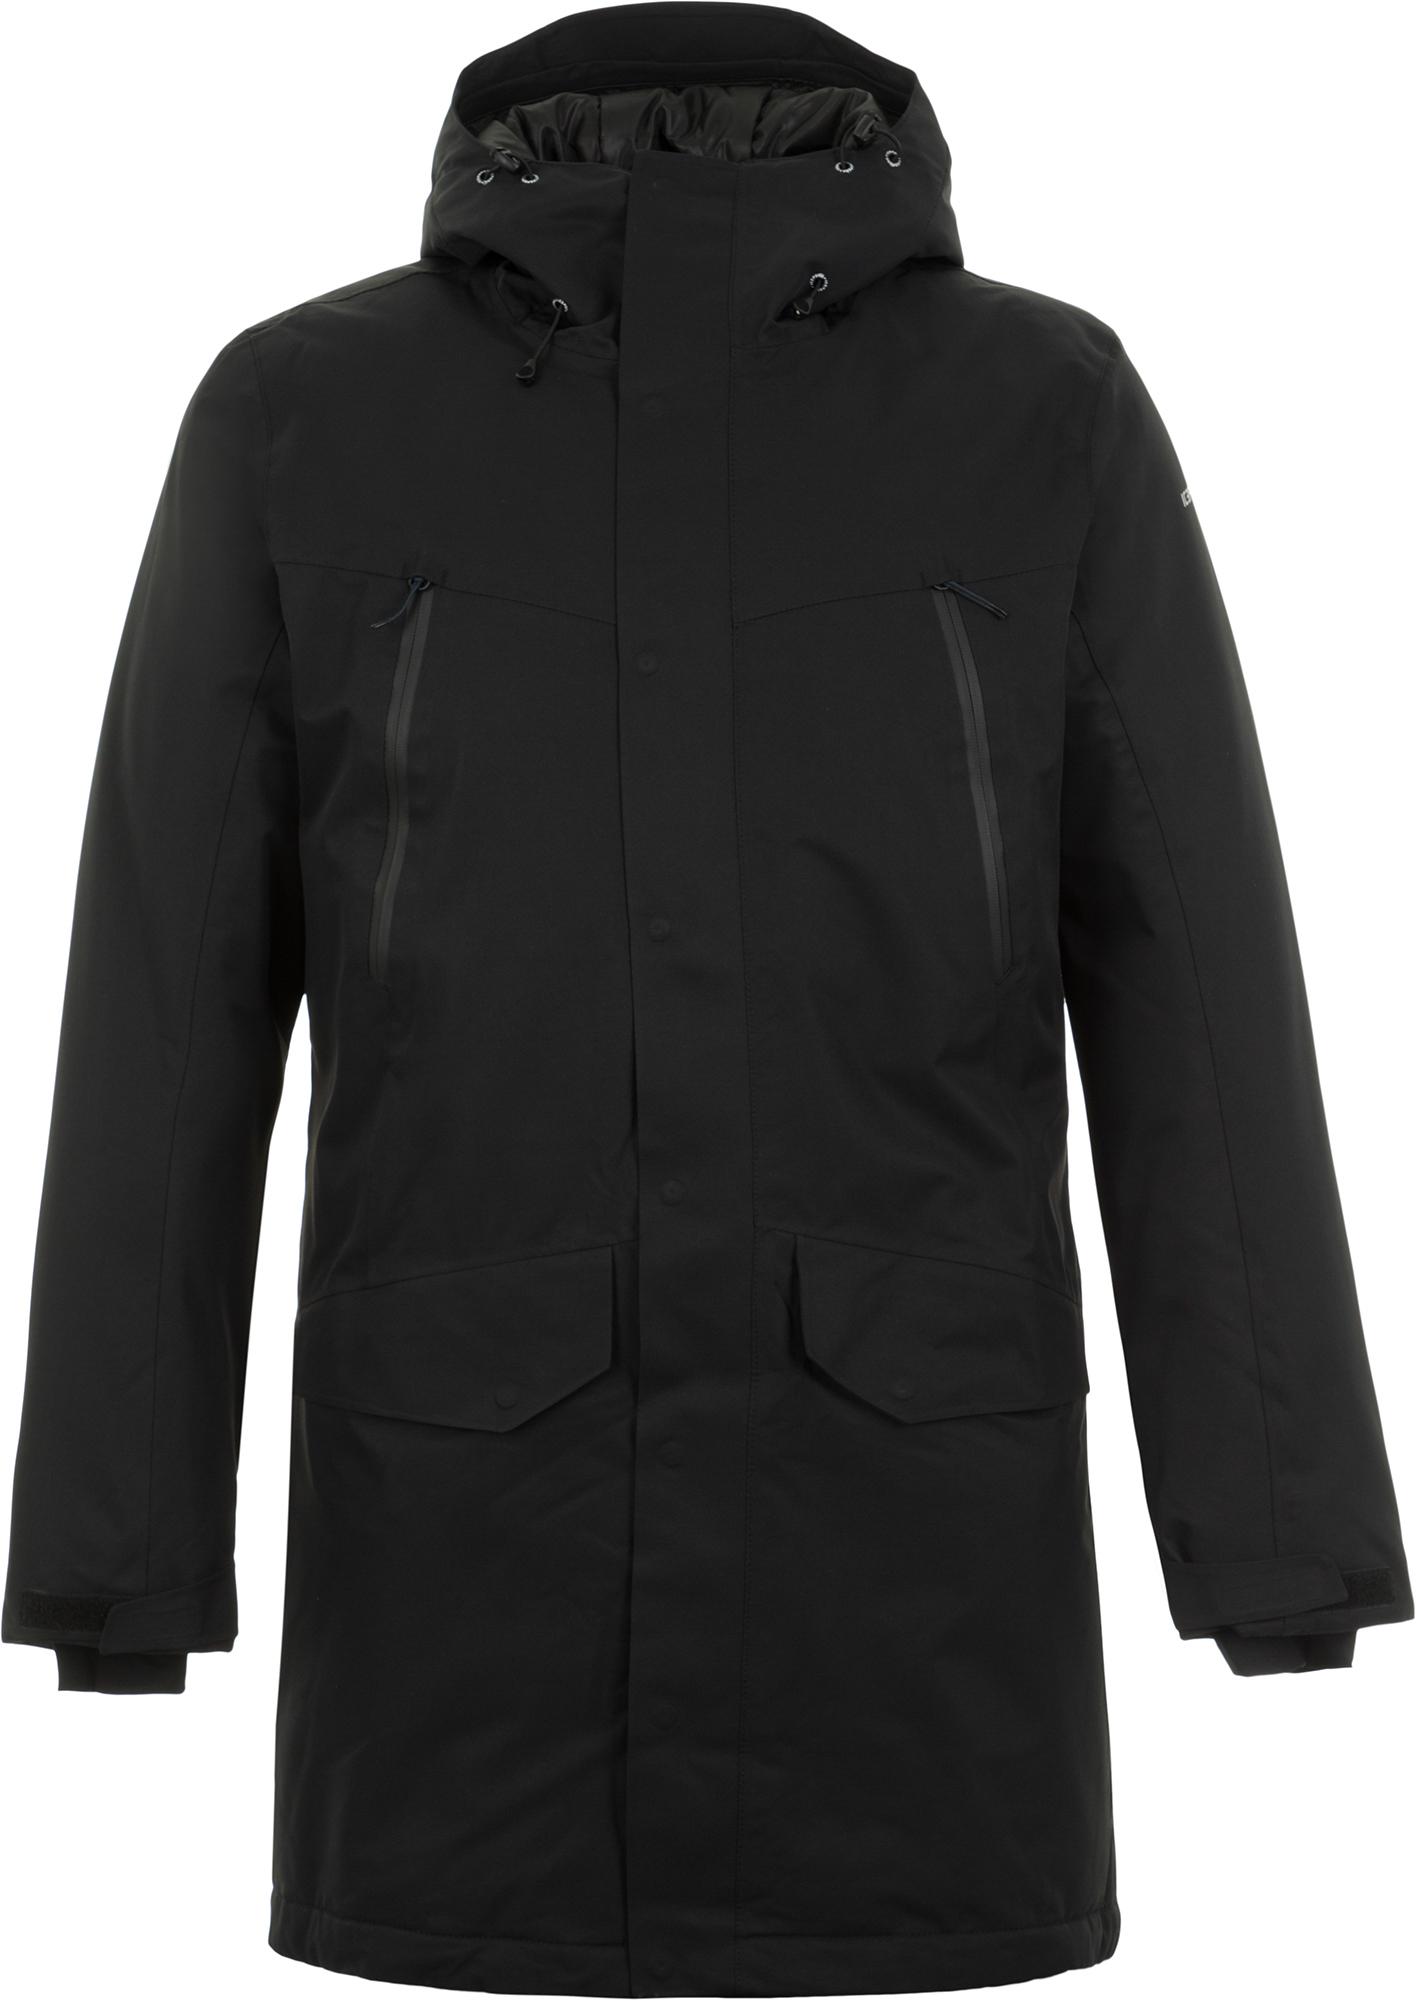 цена IcePeak Куртка утепленная мужская IcePeak Pinecrest, размер 56 онлайн в 2017 году